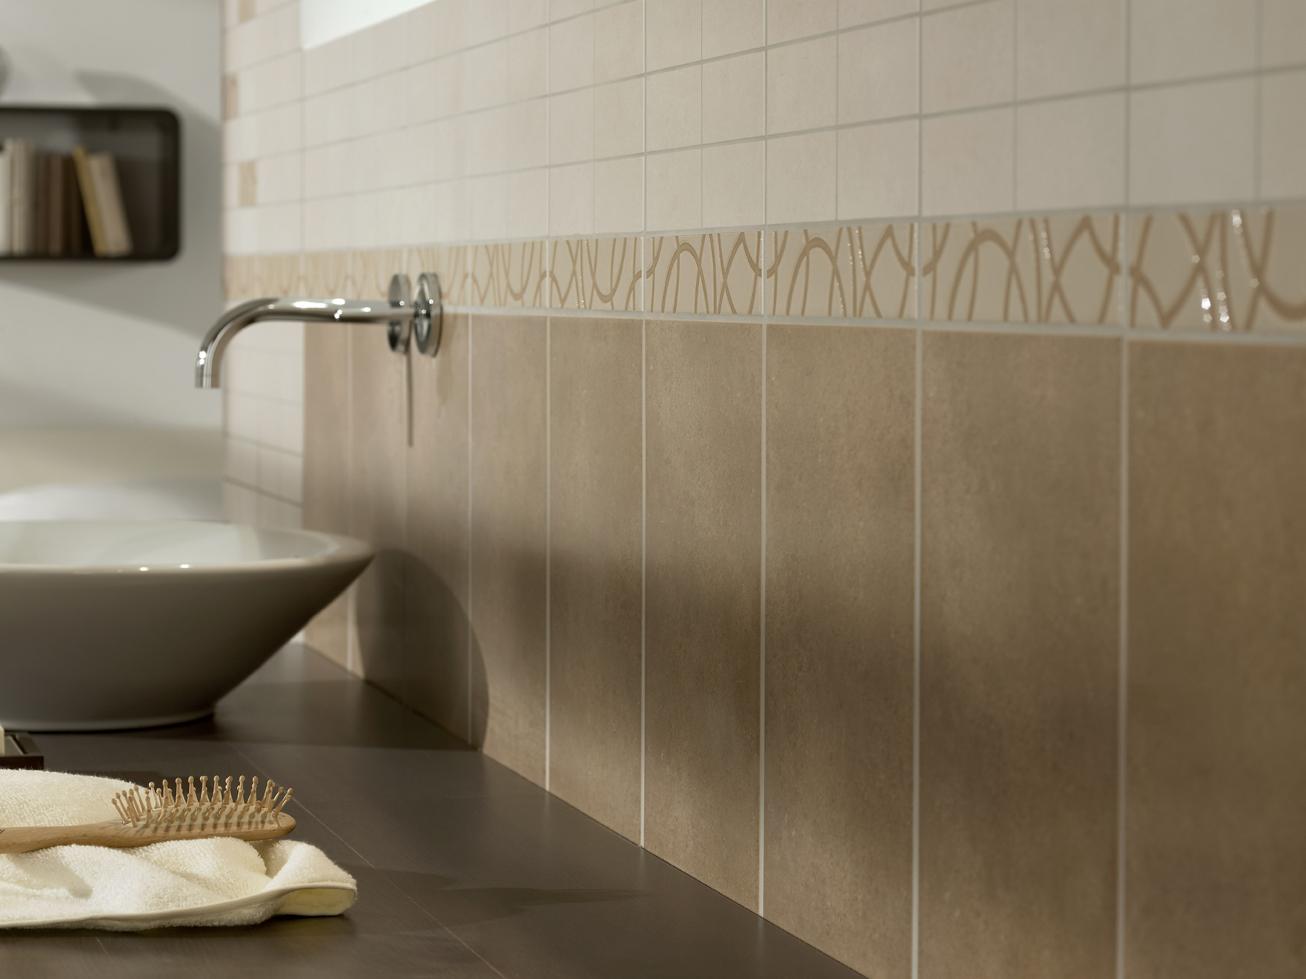 Bodenfliesen : bodenfliesen küche landhausstil Bodenfliesen Küche ...